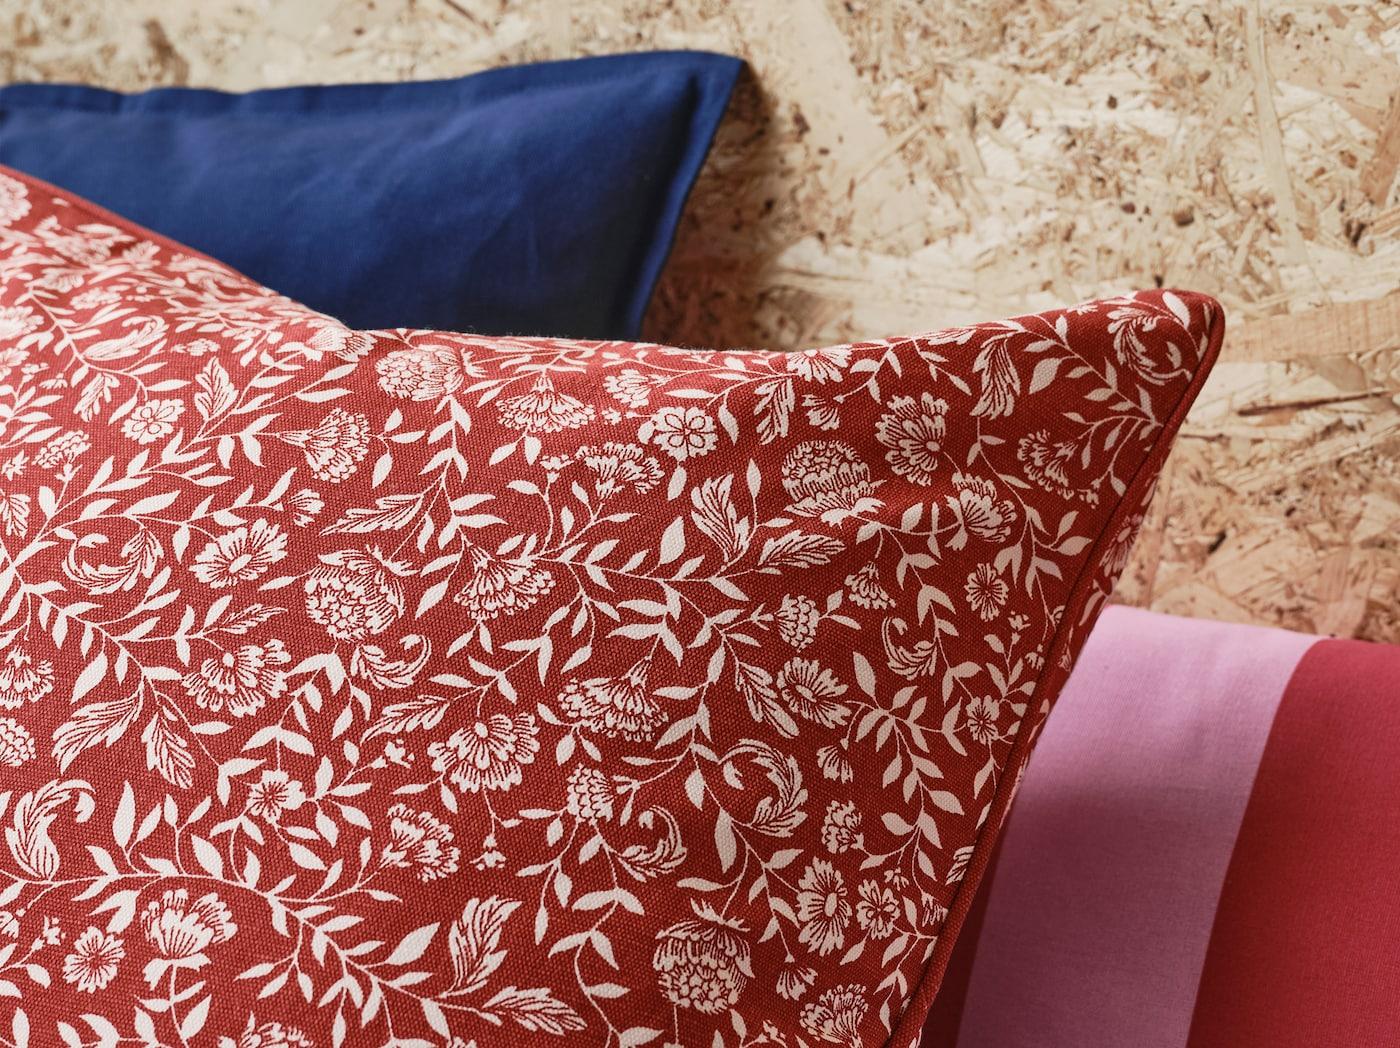 Detalle de la funda de cojín EVALOUISE con estampado floral escandinavo tradicional en rojo y blanco.